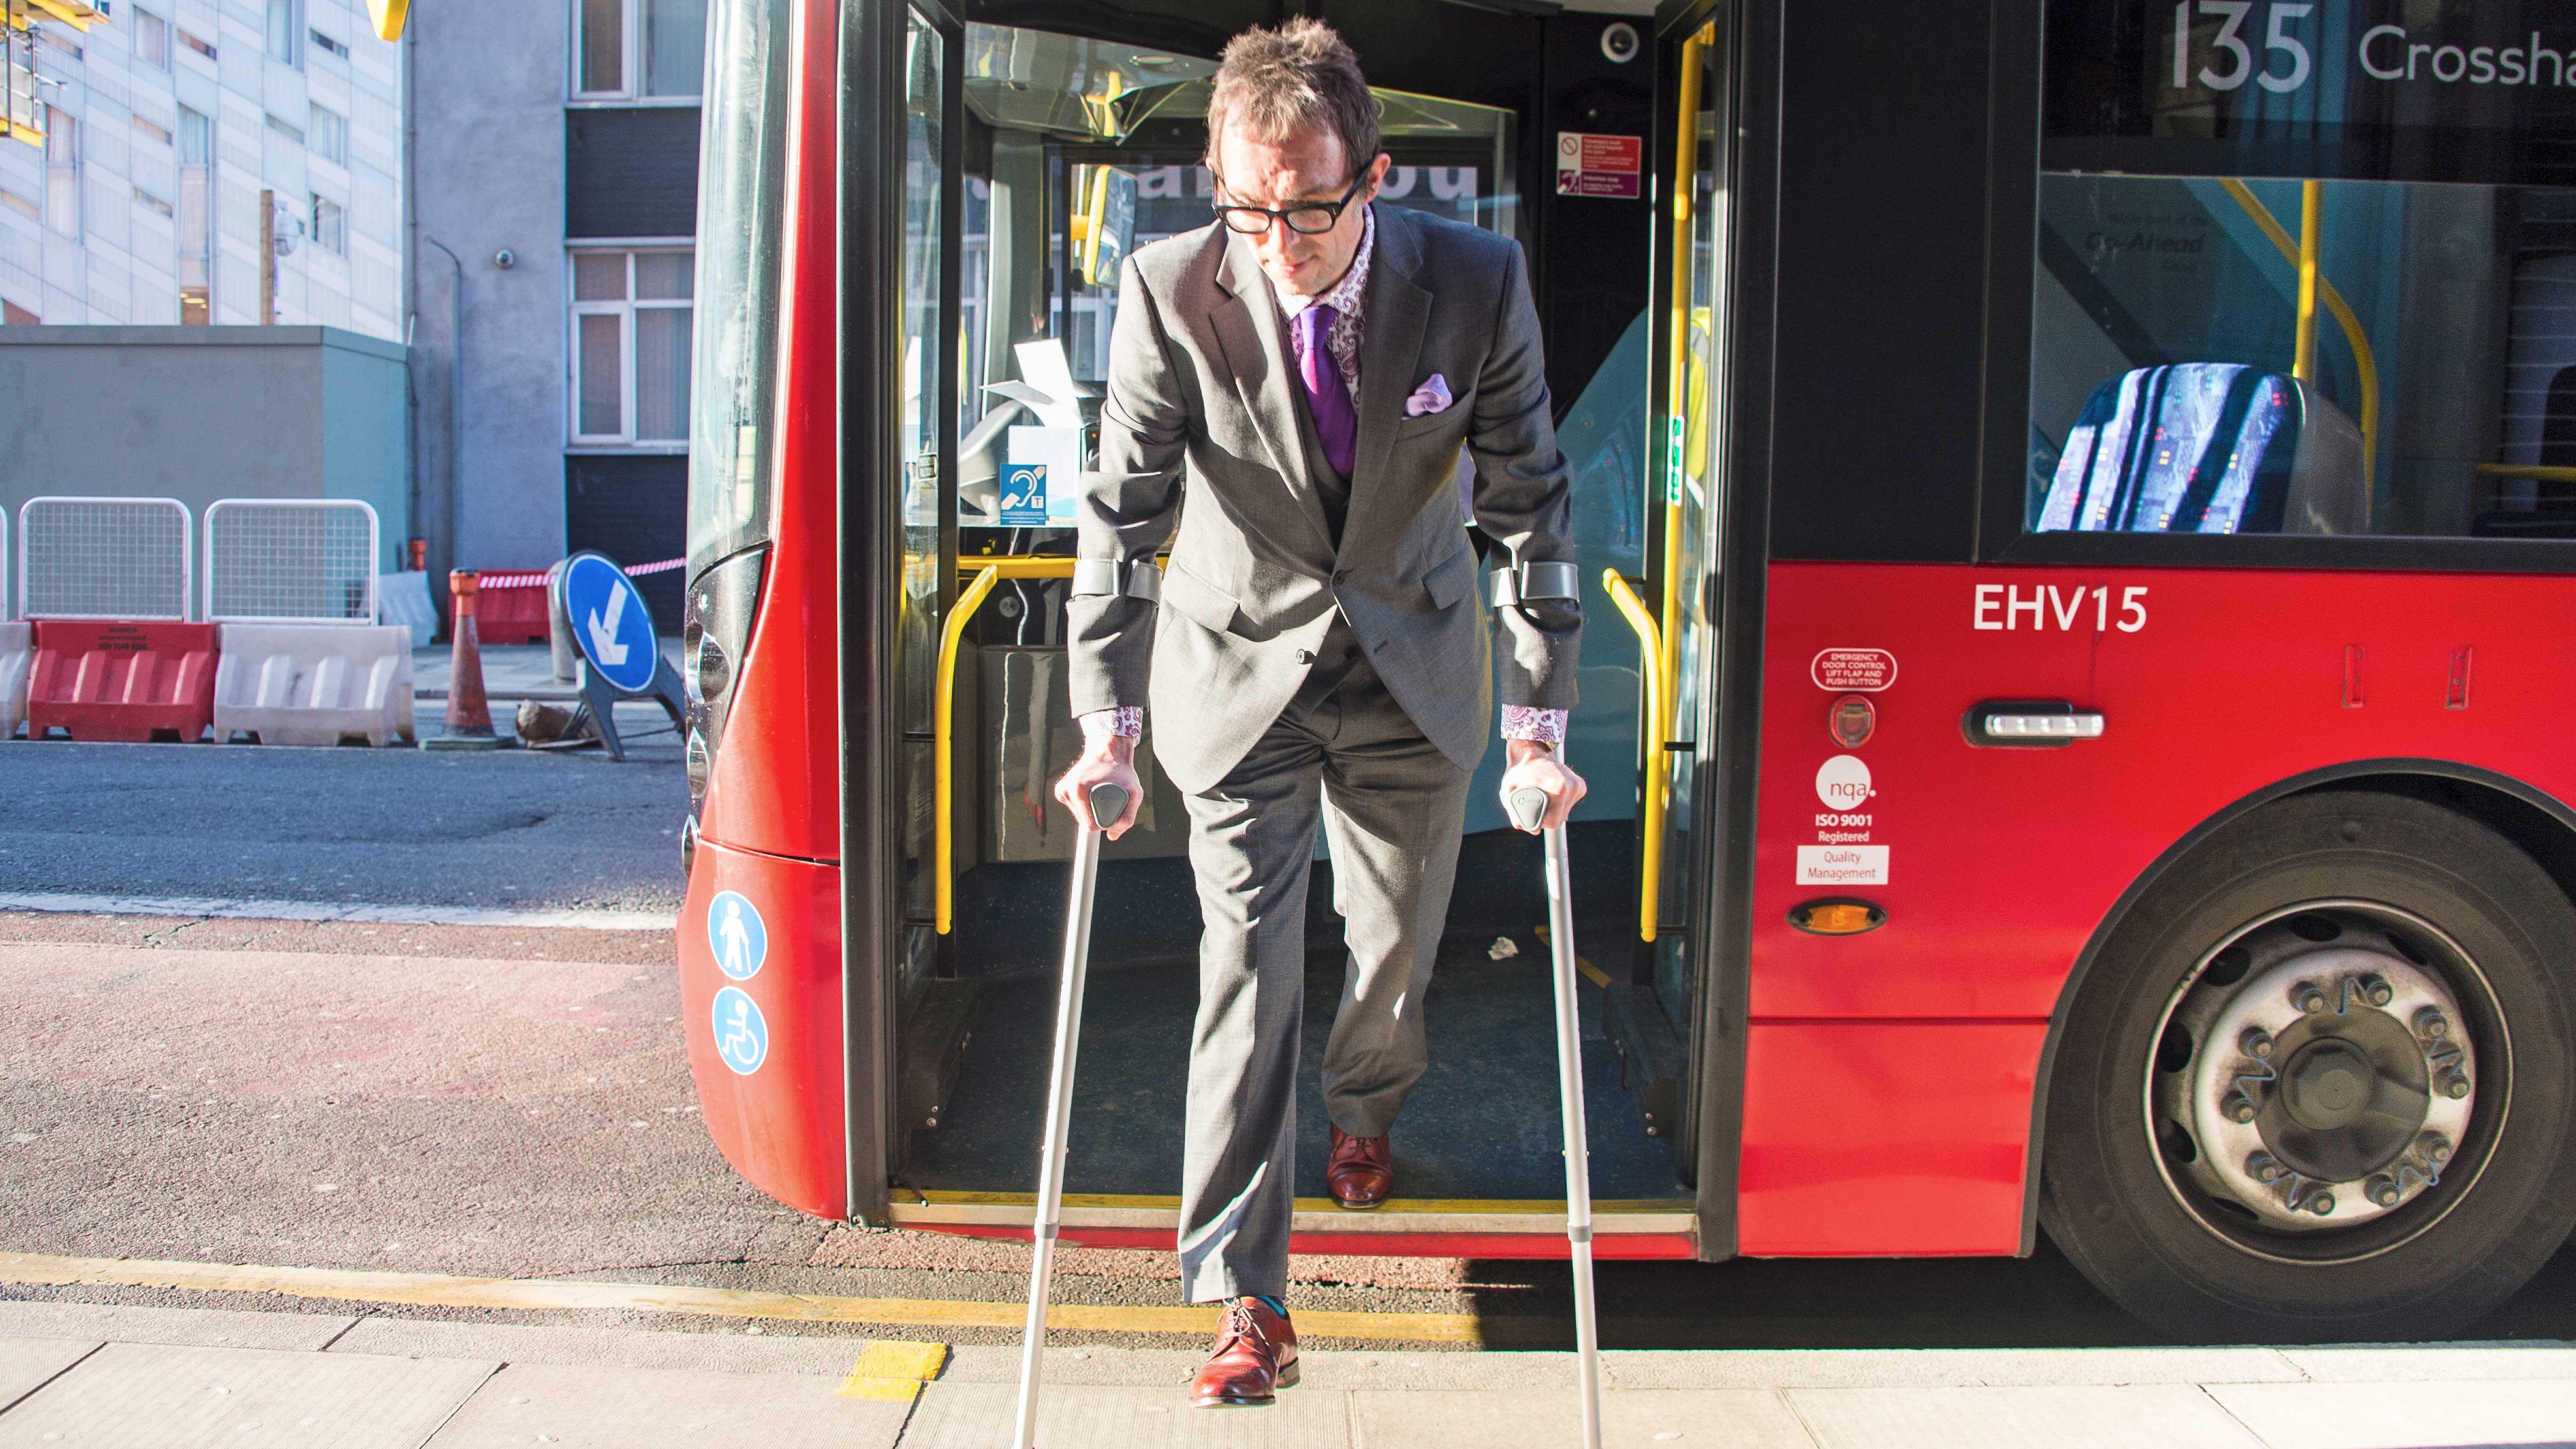 Passenger exits bus